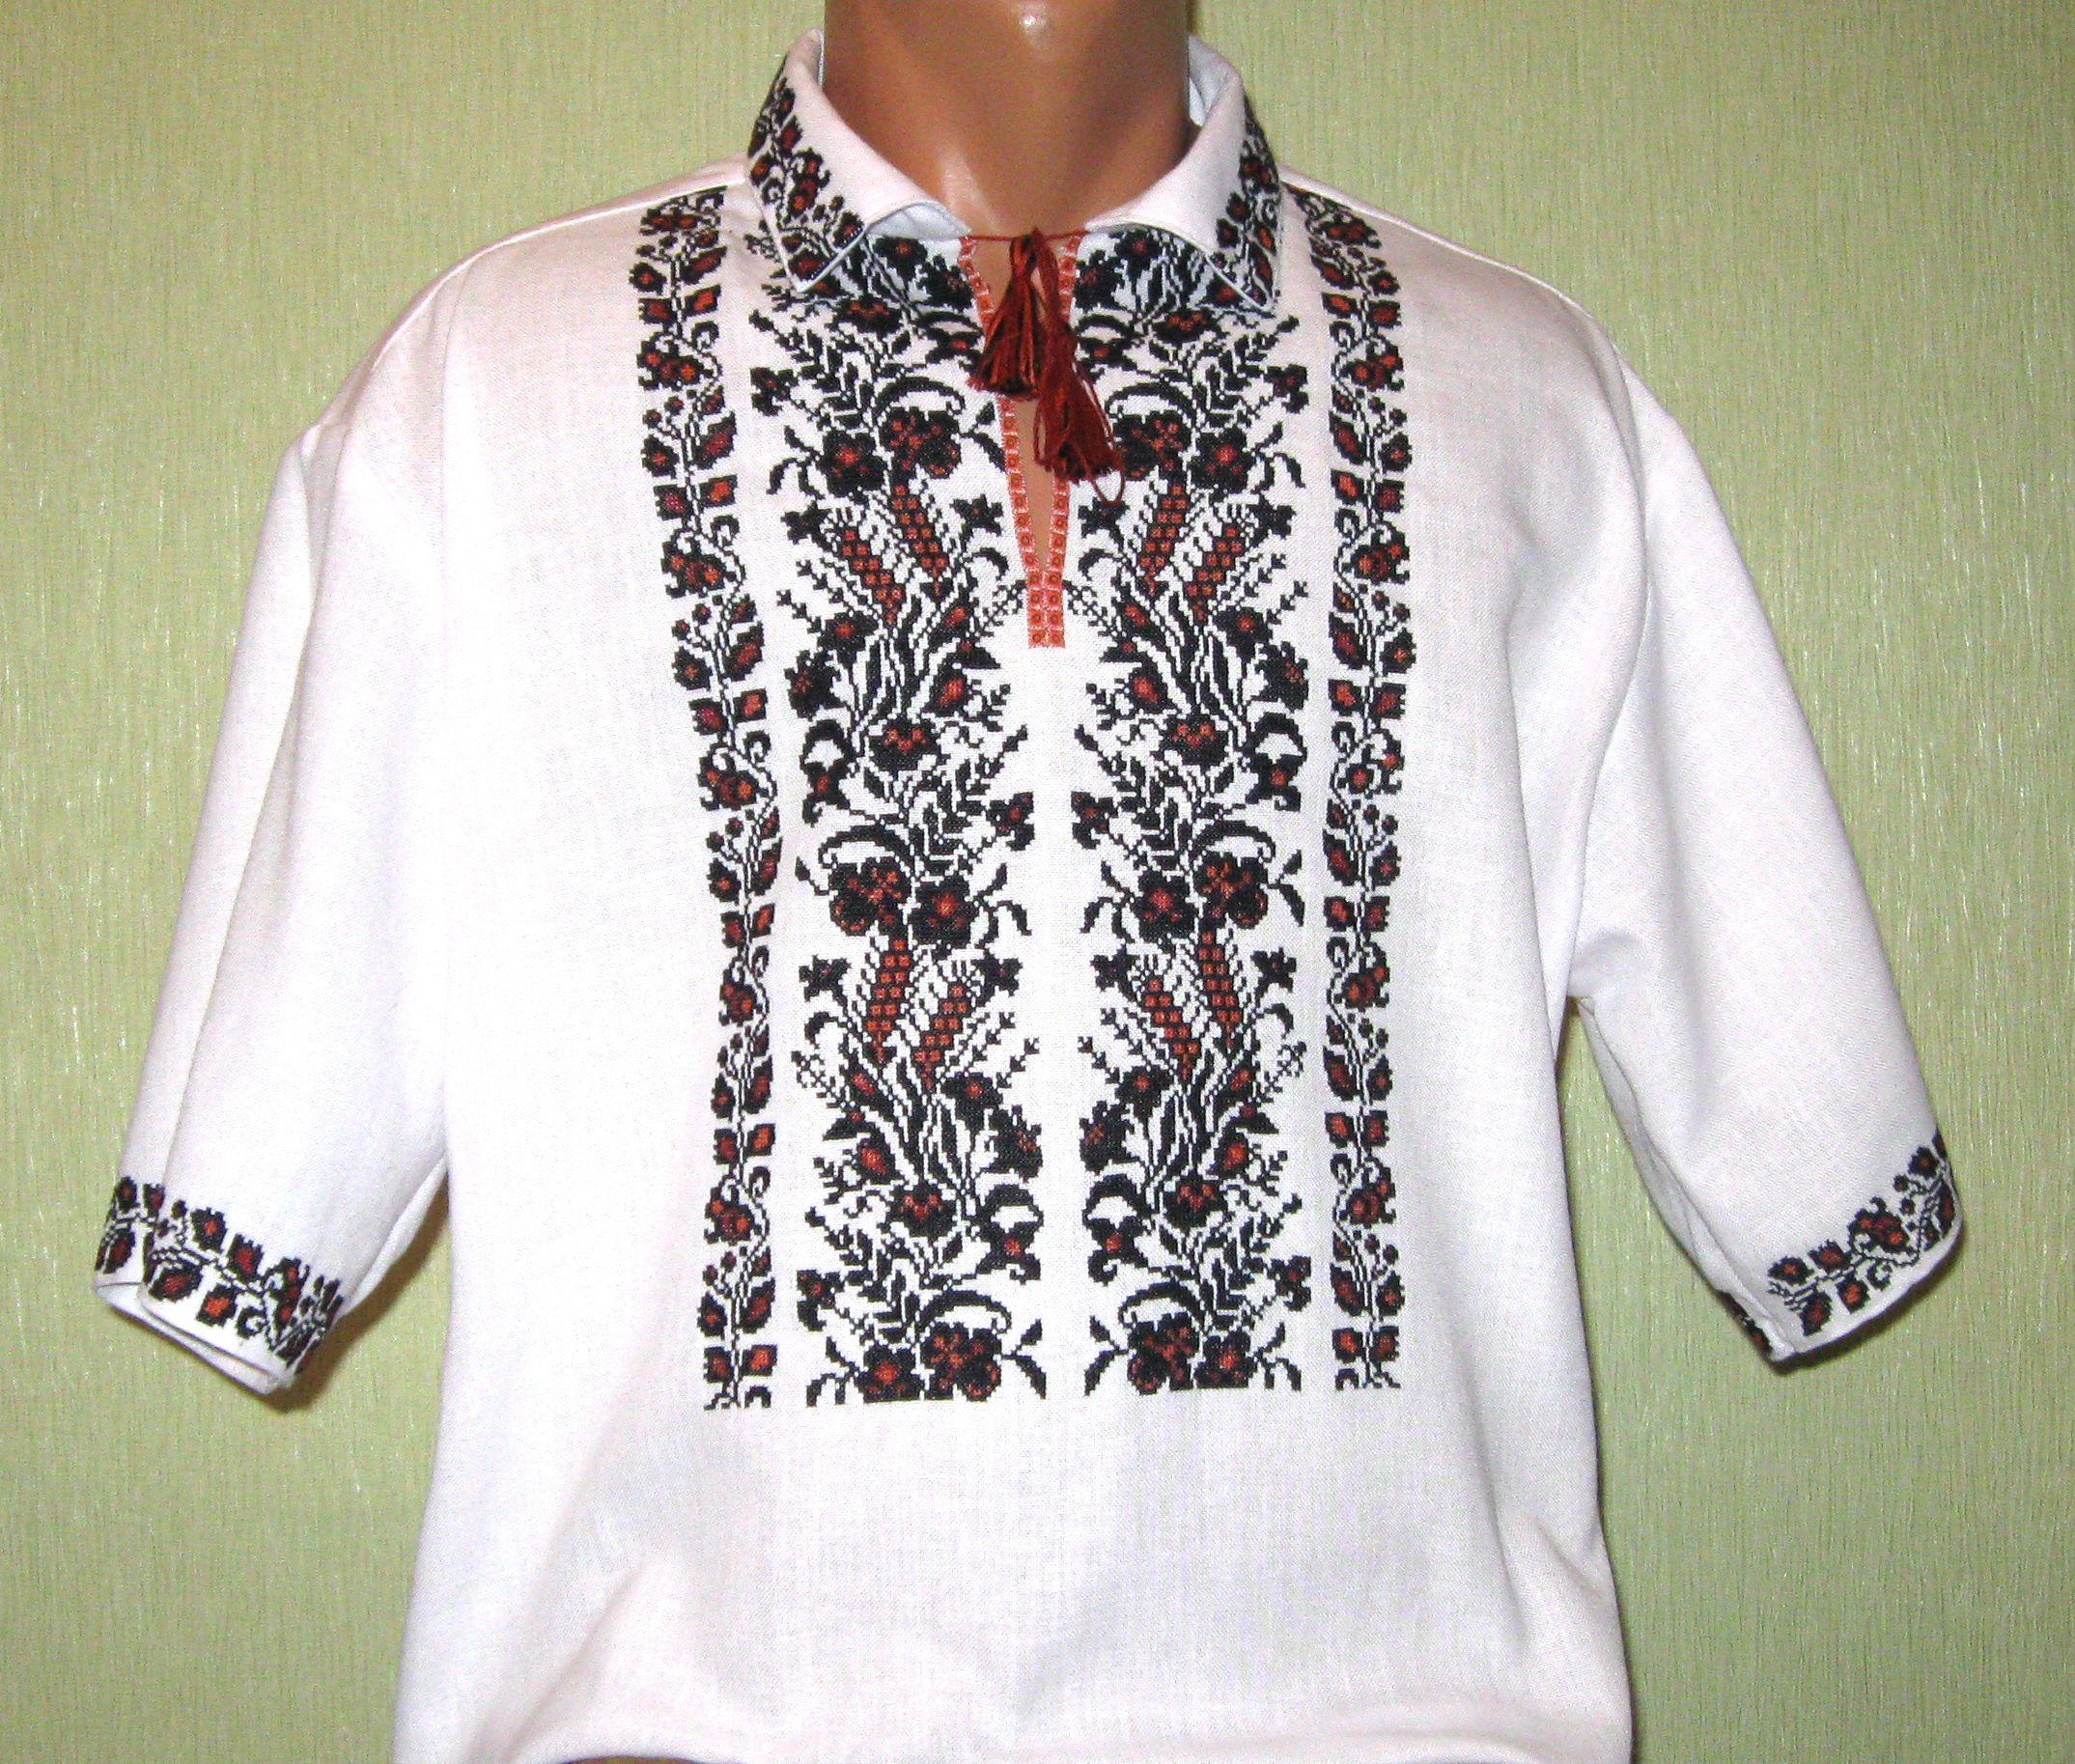 современная вышиванка ручной работы мужская - Товары - Вишиванки ... 9d20959e5953b